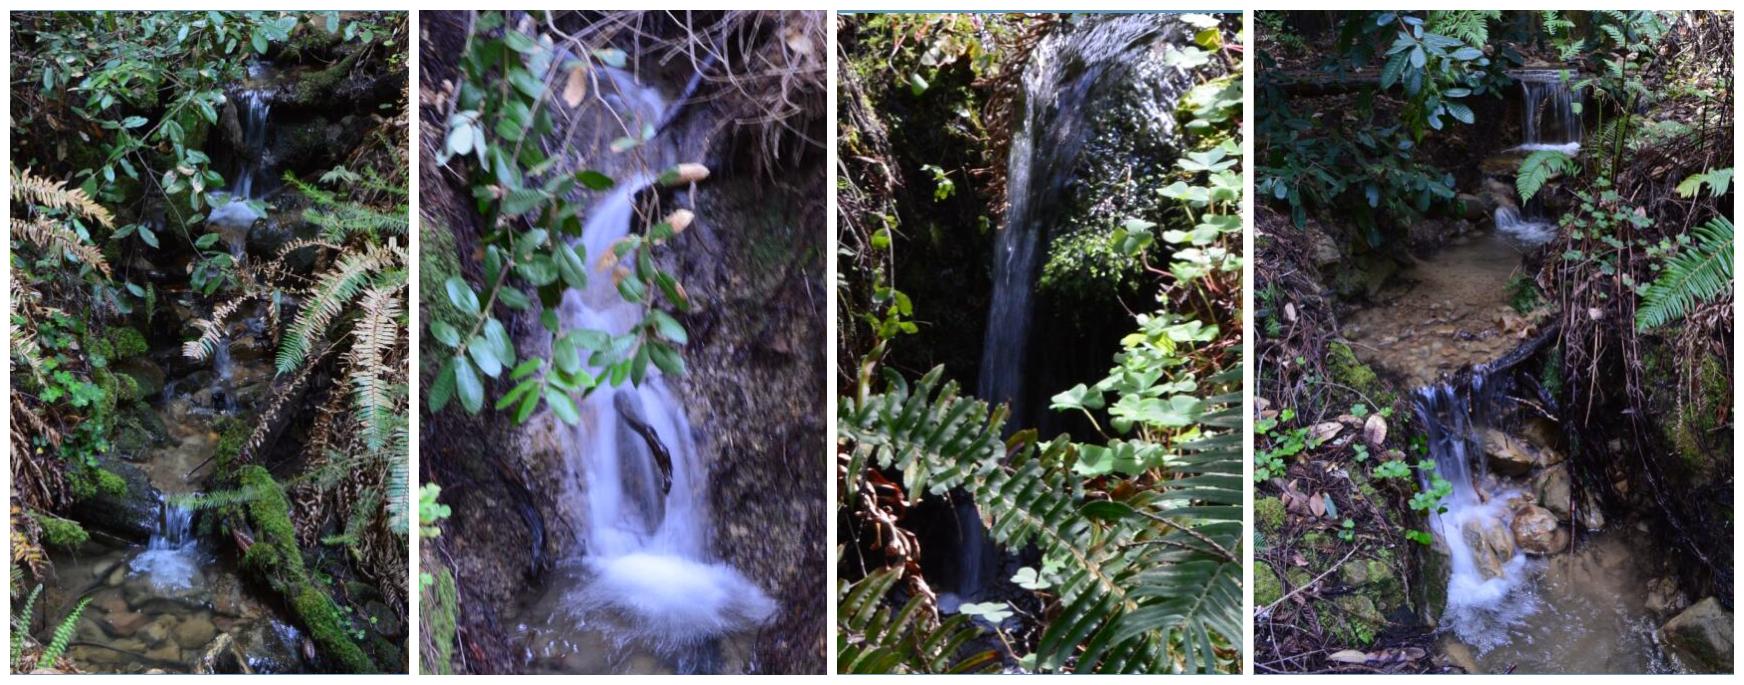 Big Basin Redwoods State Park Berry Creek Falls Loop17_5